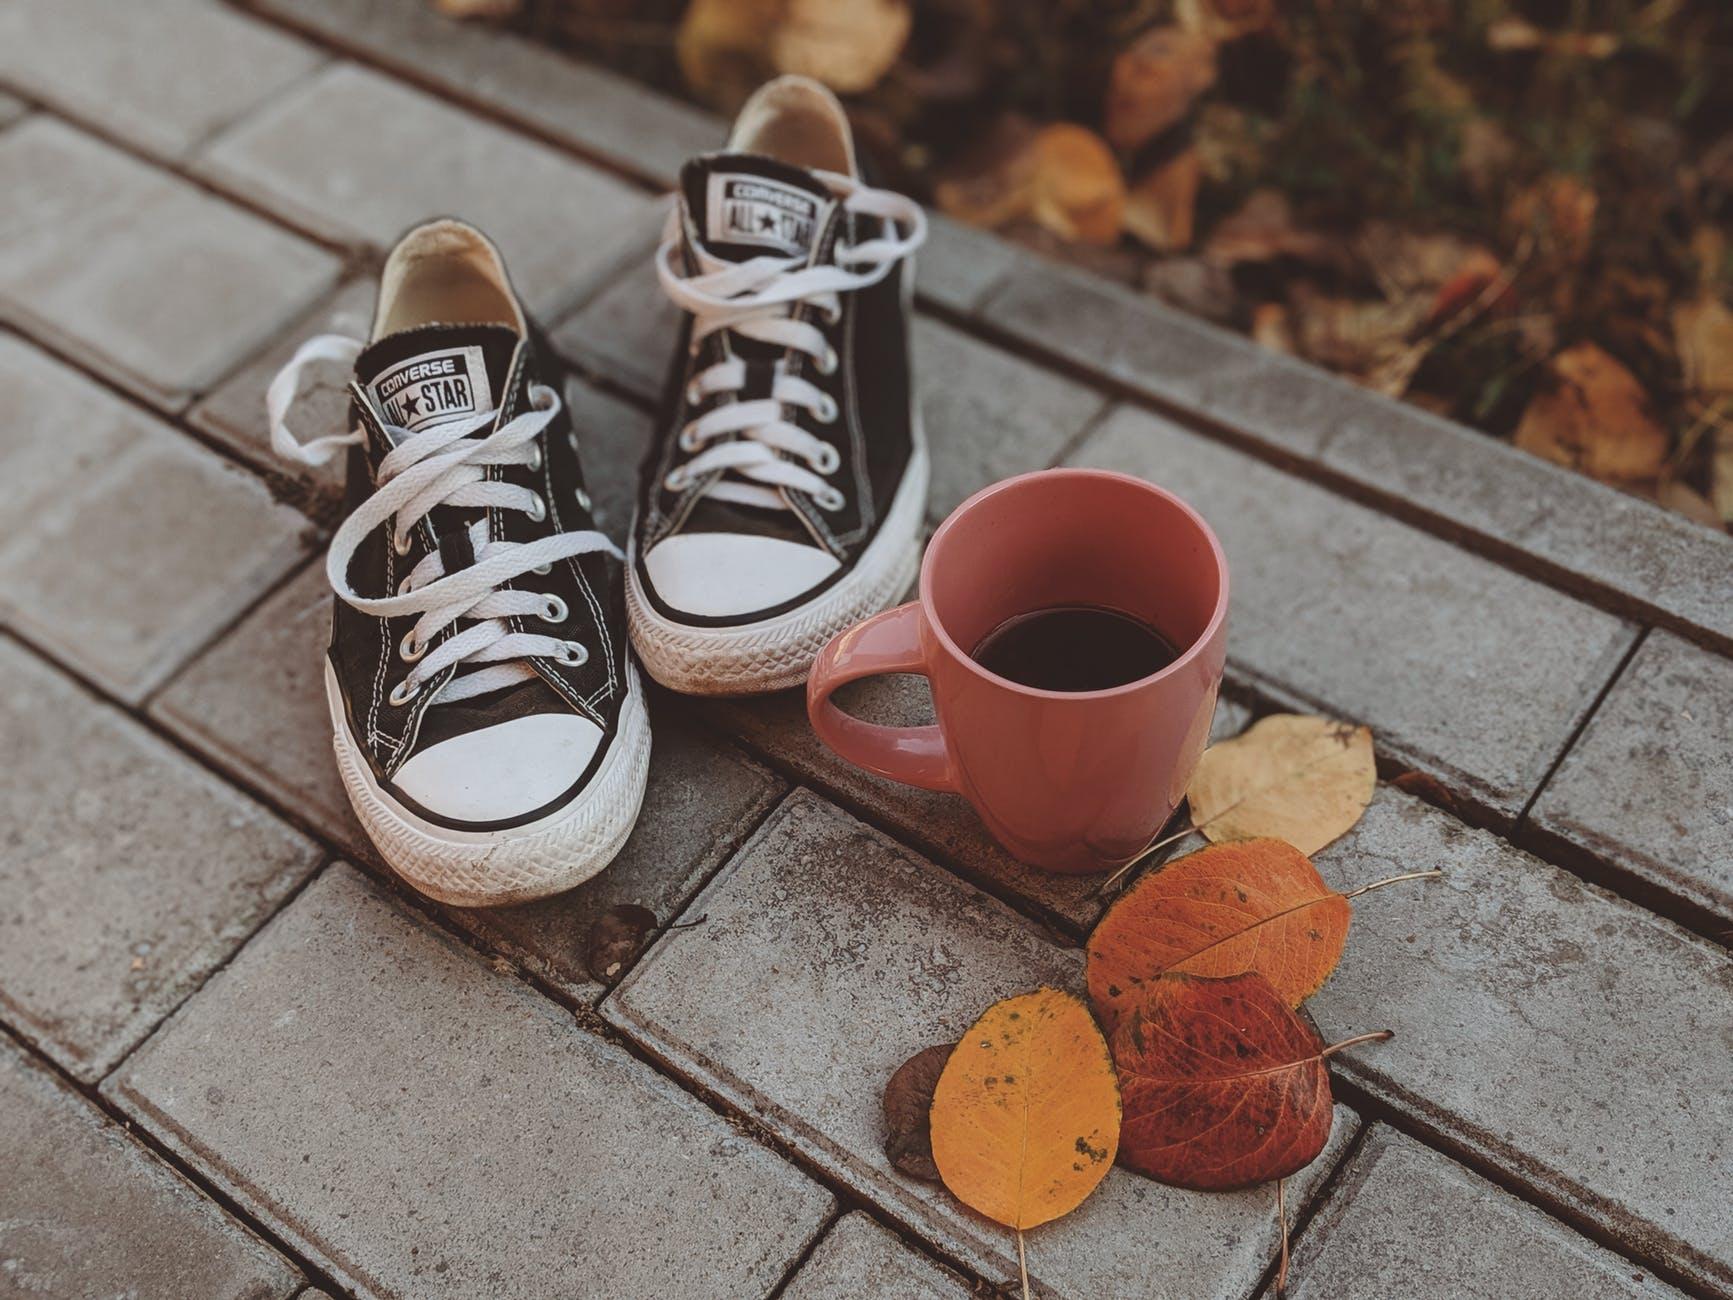 giày converse canvas đen bên cạnh ly cà phê màu đỏ